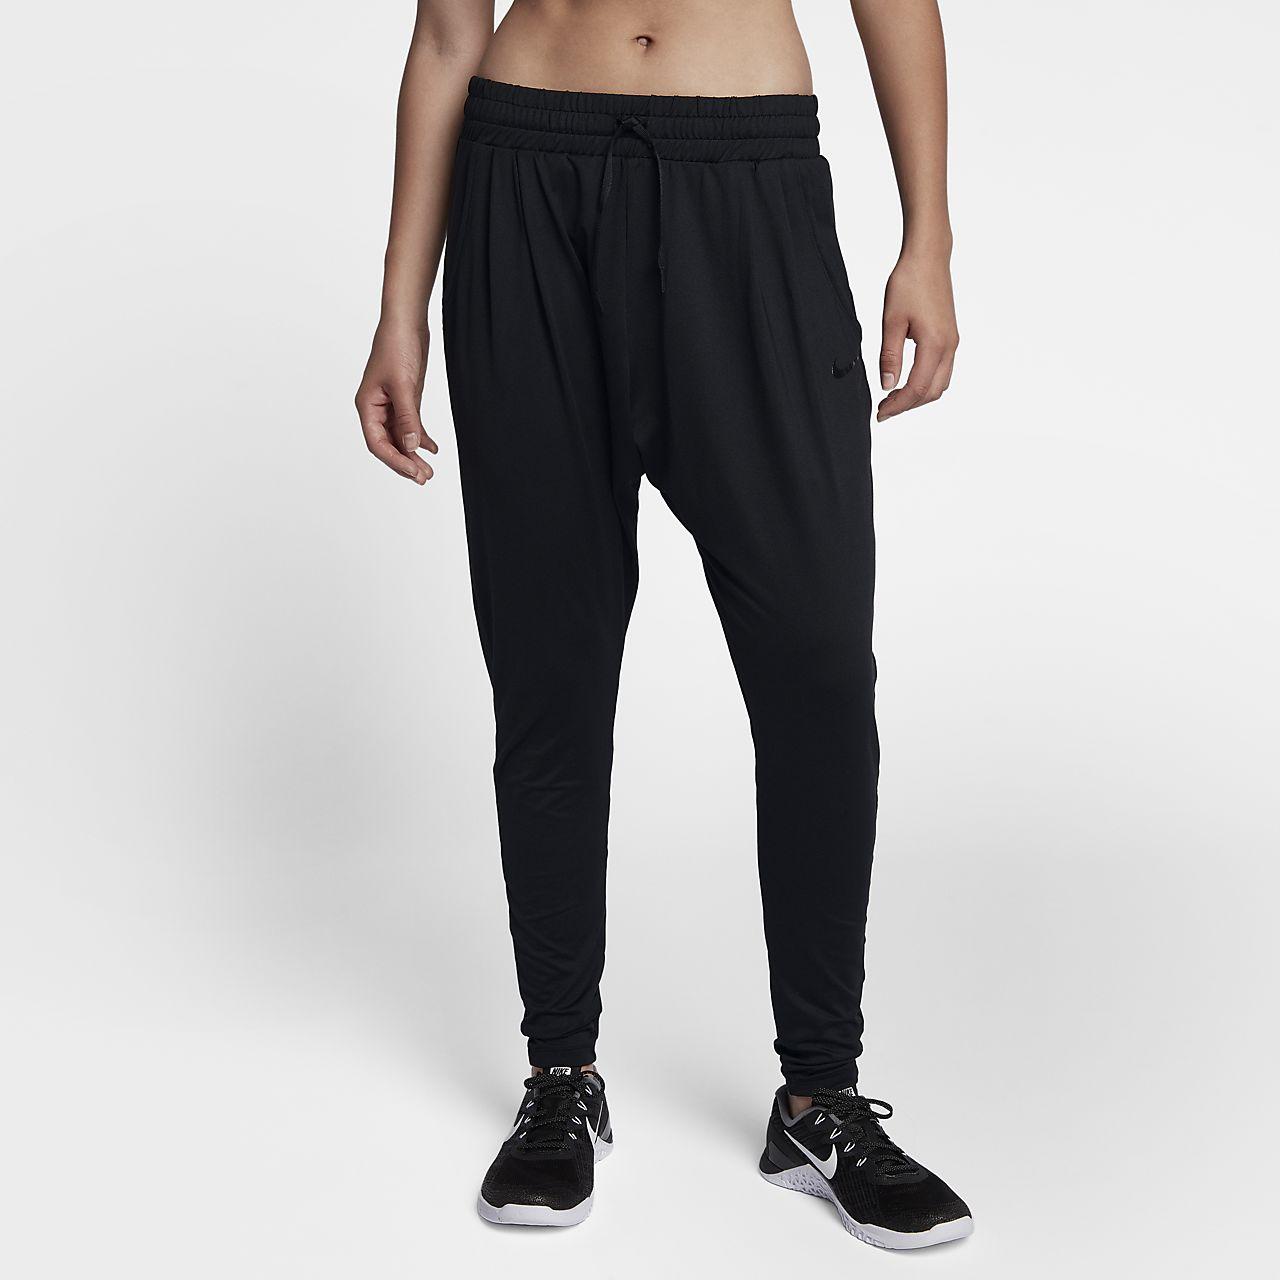 Pantalon de training taille mi-basse Nike Dri-FIT Lux Flow pour Femme